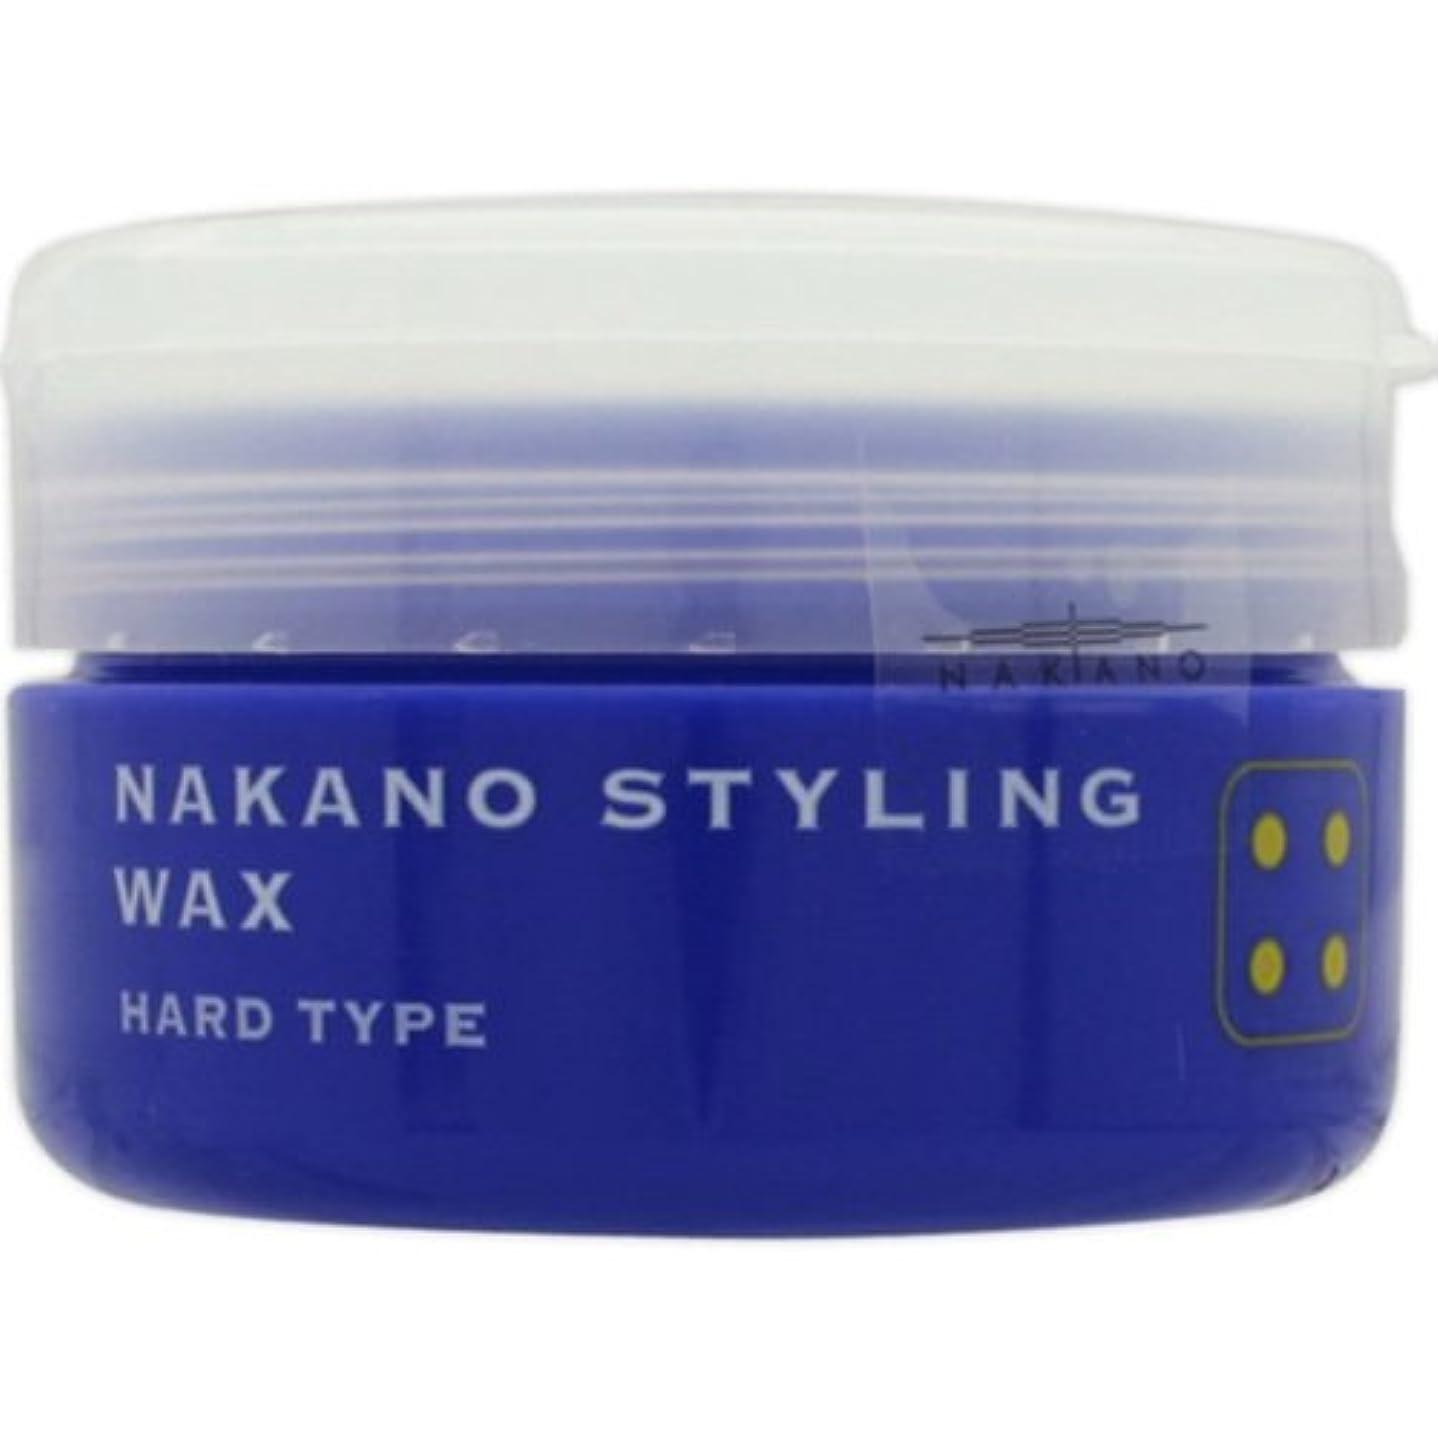 夢試験届けるナカノ スタイリングワックス 4 ハードタイプ 90g 中野製薬 NAKANO